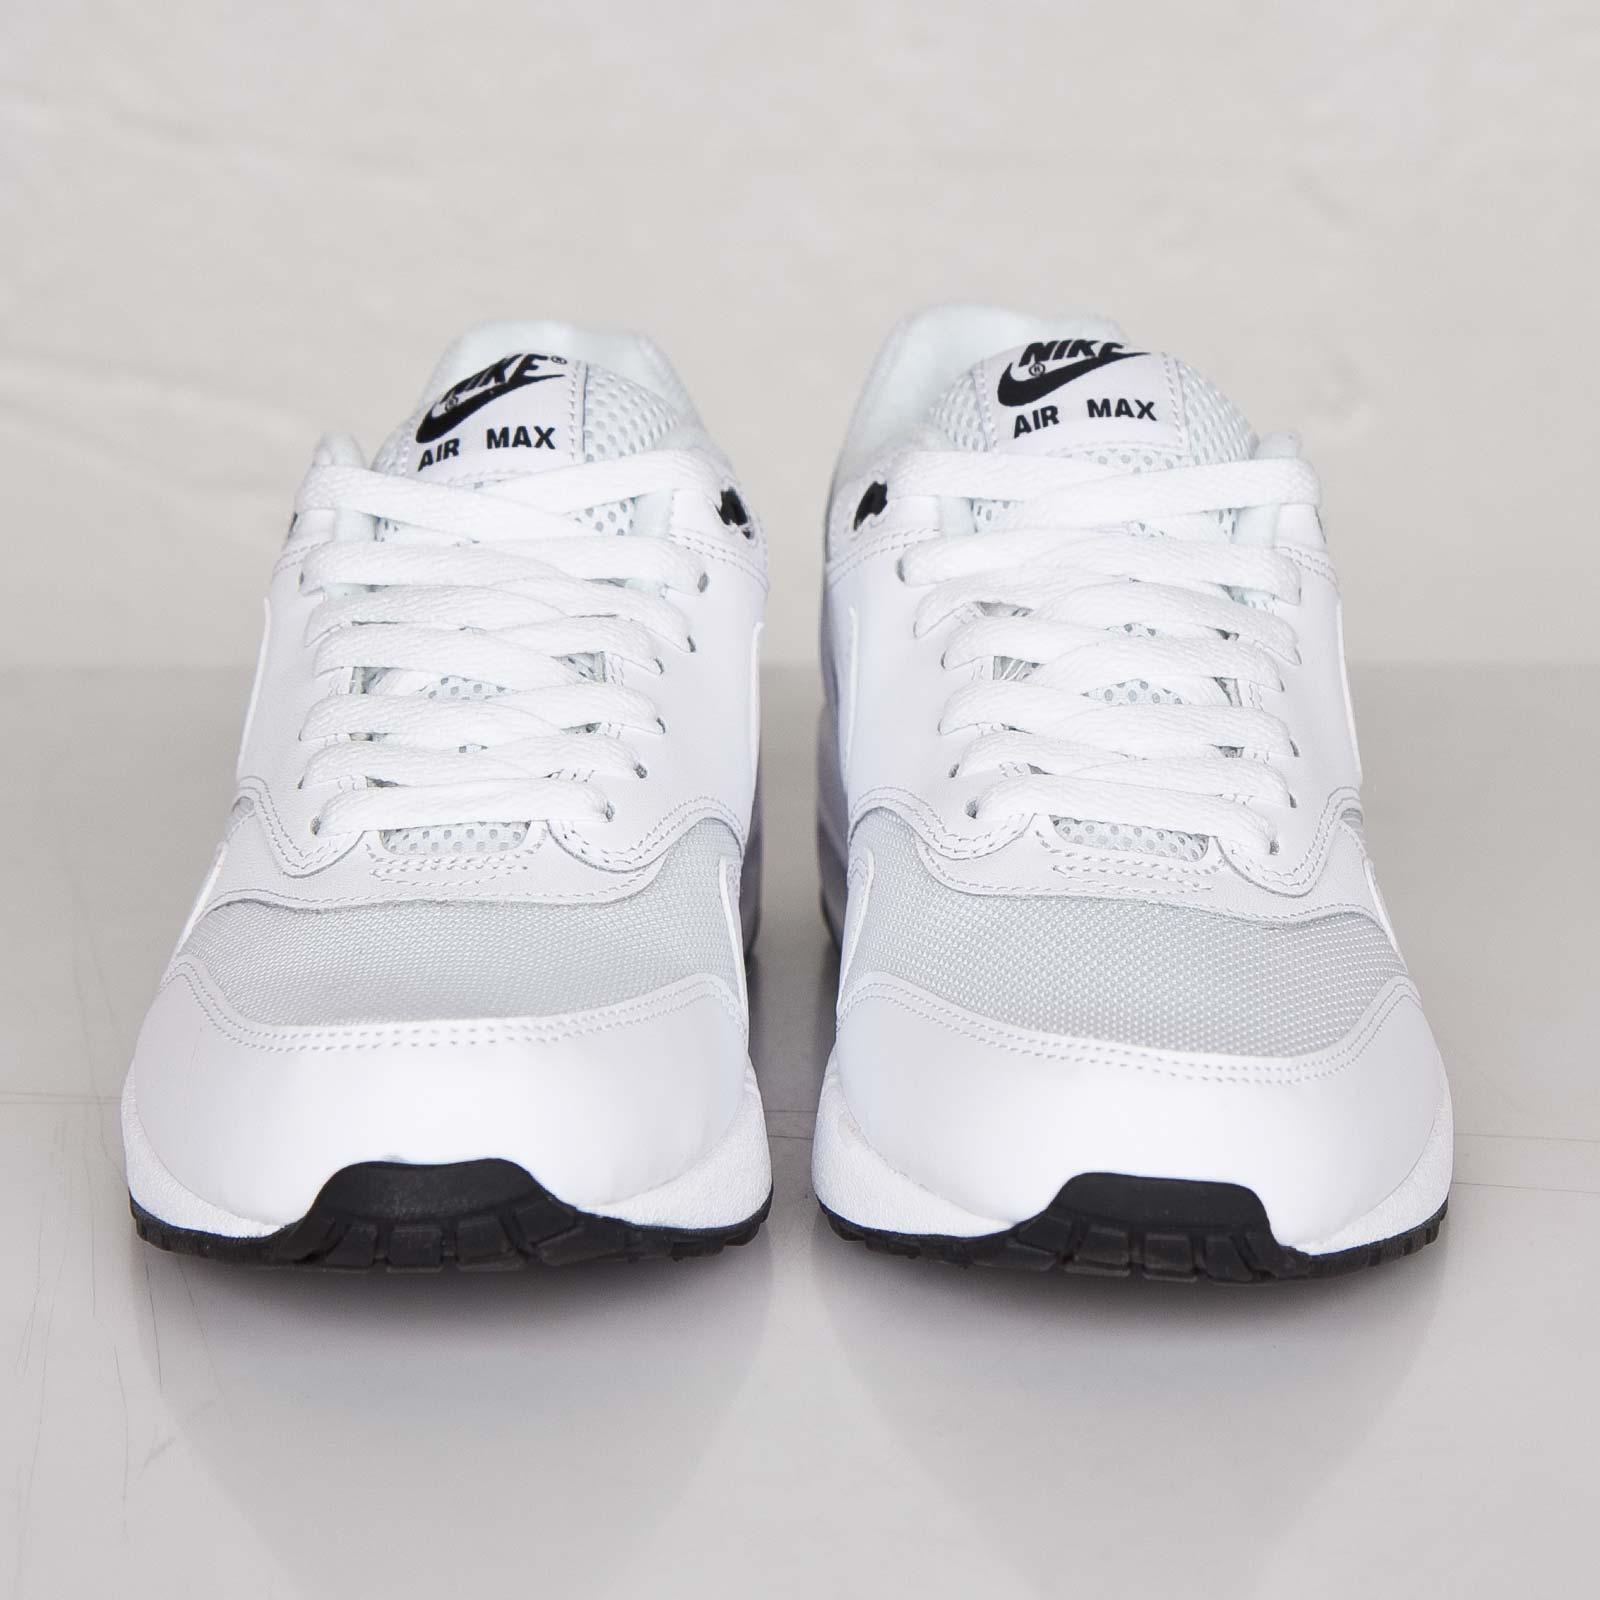 różne wzornictwo najlepszy dostawca buty sportowe Nike Air Max 1 Essential - 537383-125 - Sneakersnstuff ...